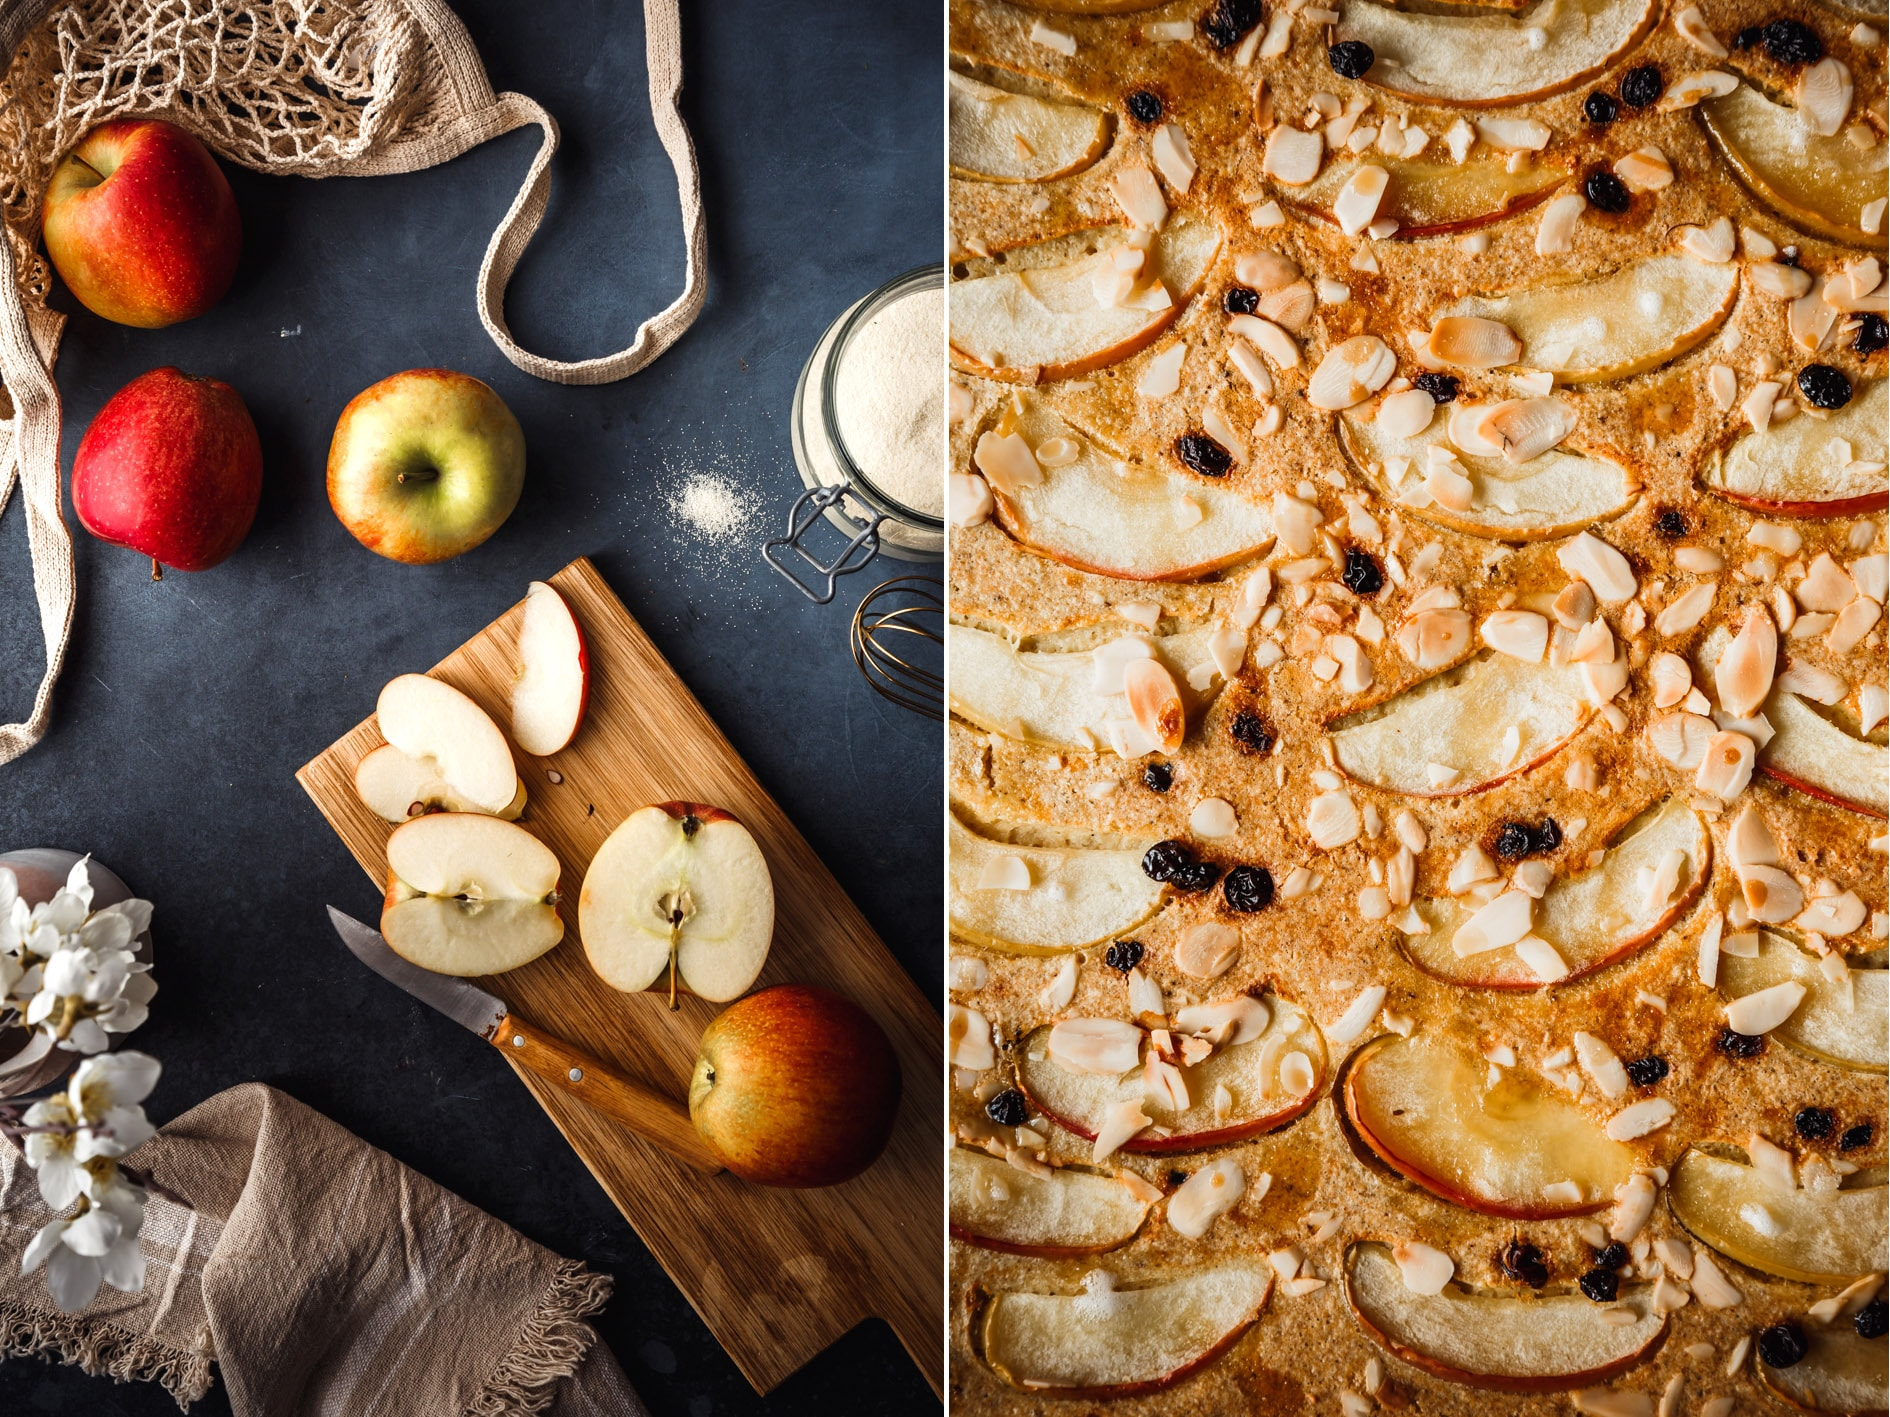 Apfel-Pfannkuchen aus dem Ofen neben geschnittenen Äpfeln